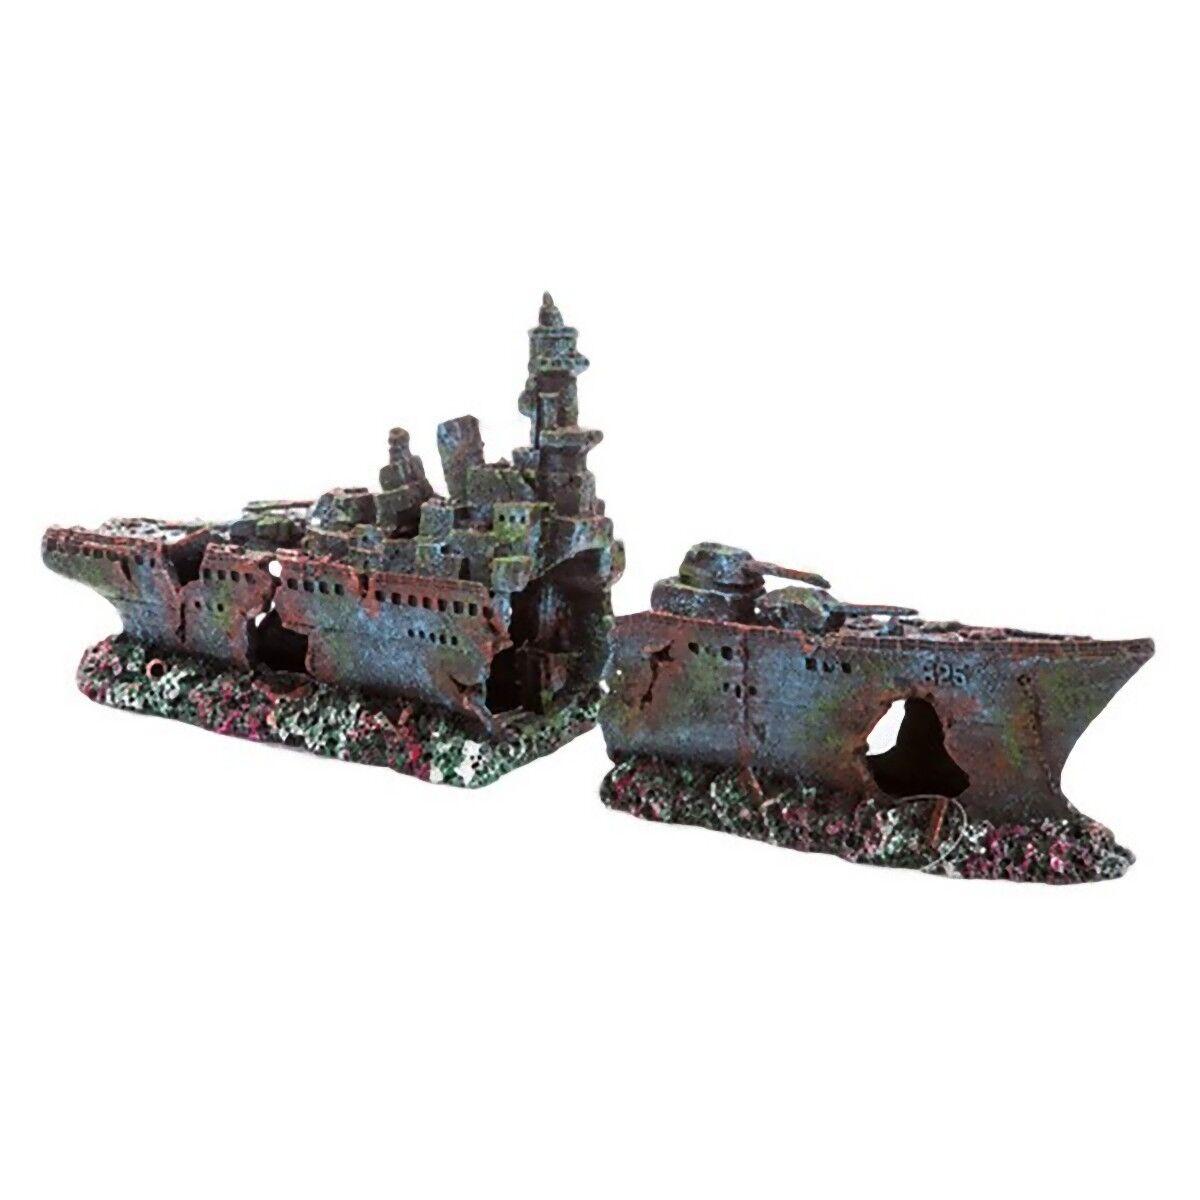 GRANDE FREGATA RELITTO Vasca dei Pesci Acquario Barca Ornamento naufragio Decorazione MS966